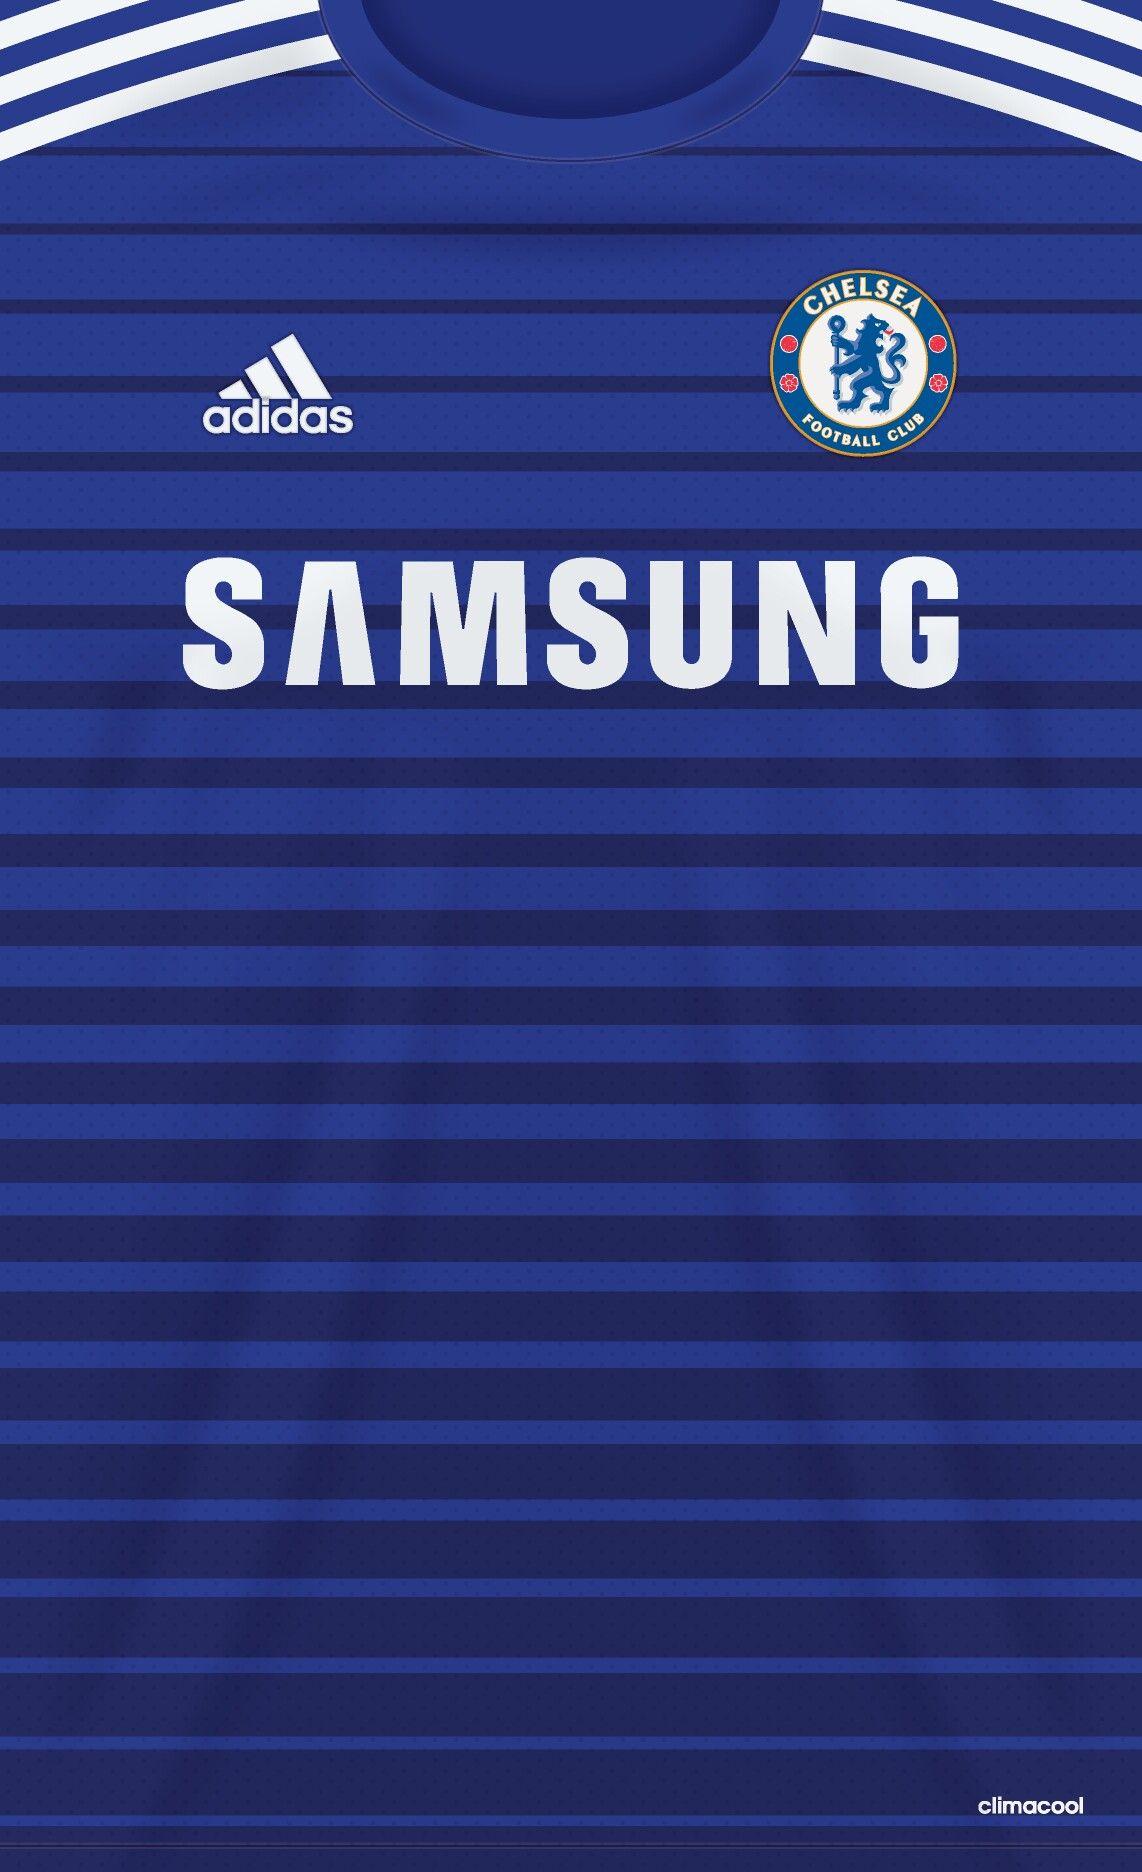 Wallpaper del jersey de Chelsea Azul #cfc #chelsea